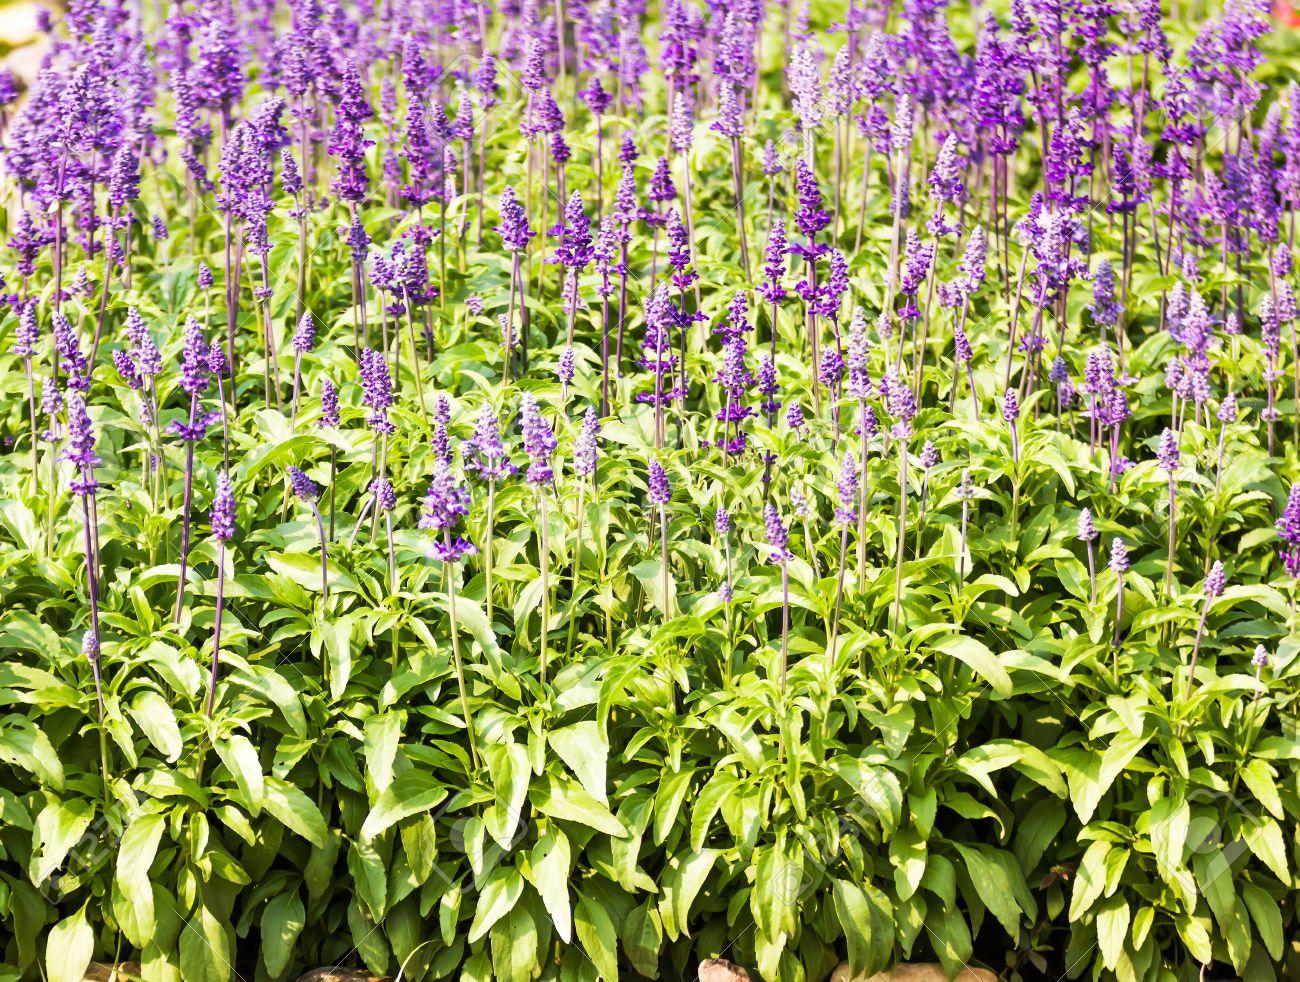 Blue Salvia herbal flowers